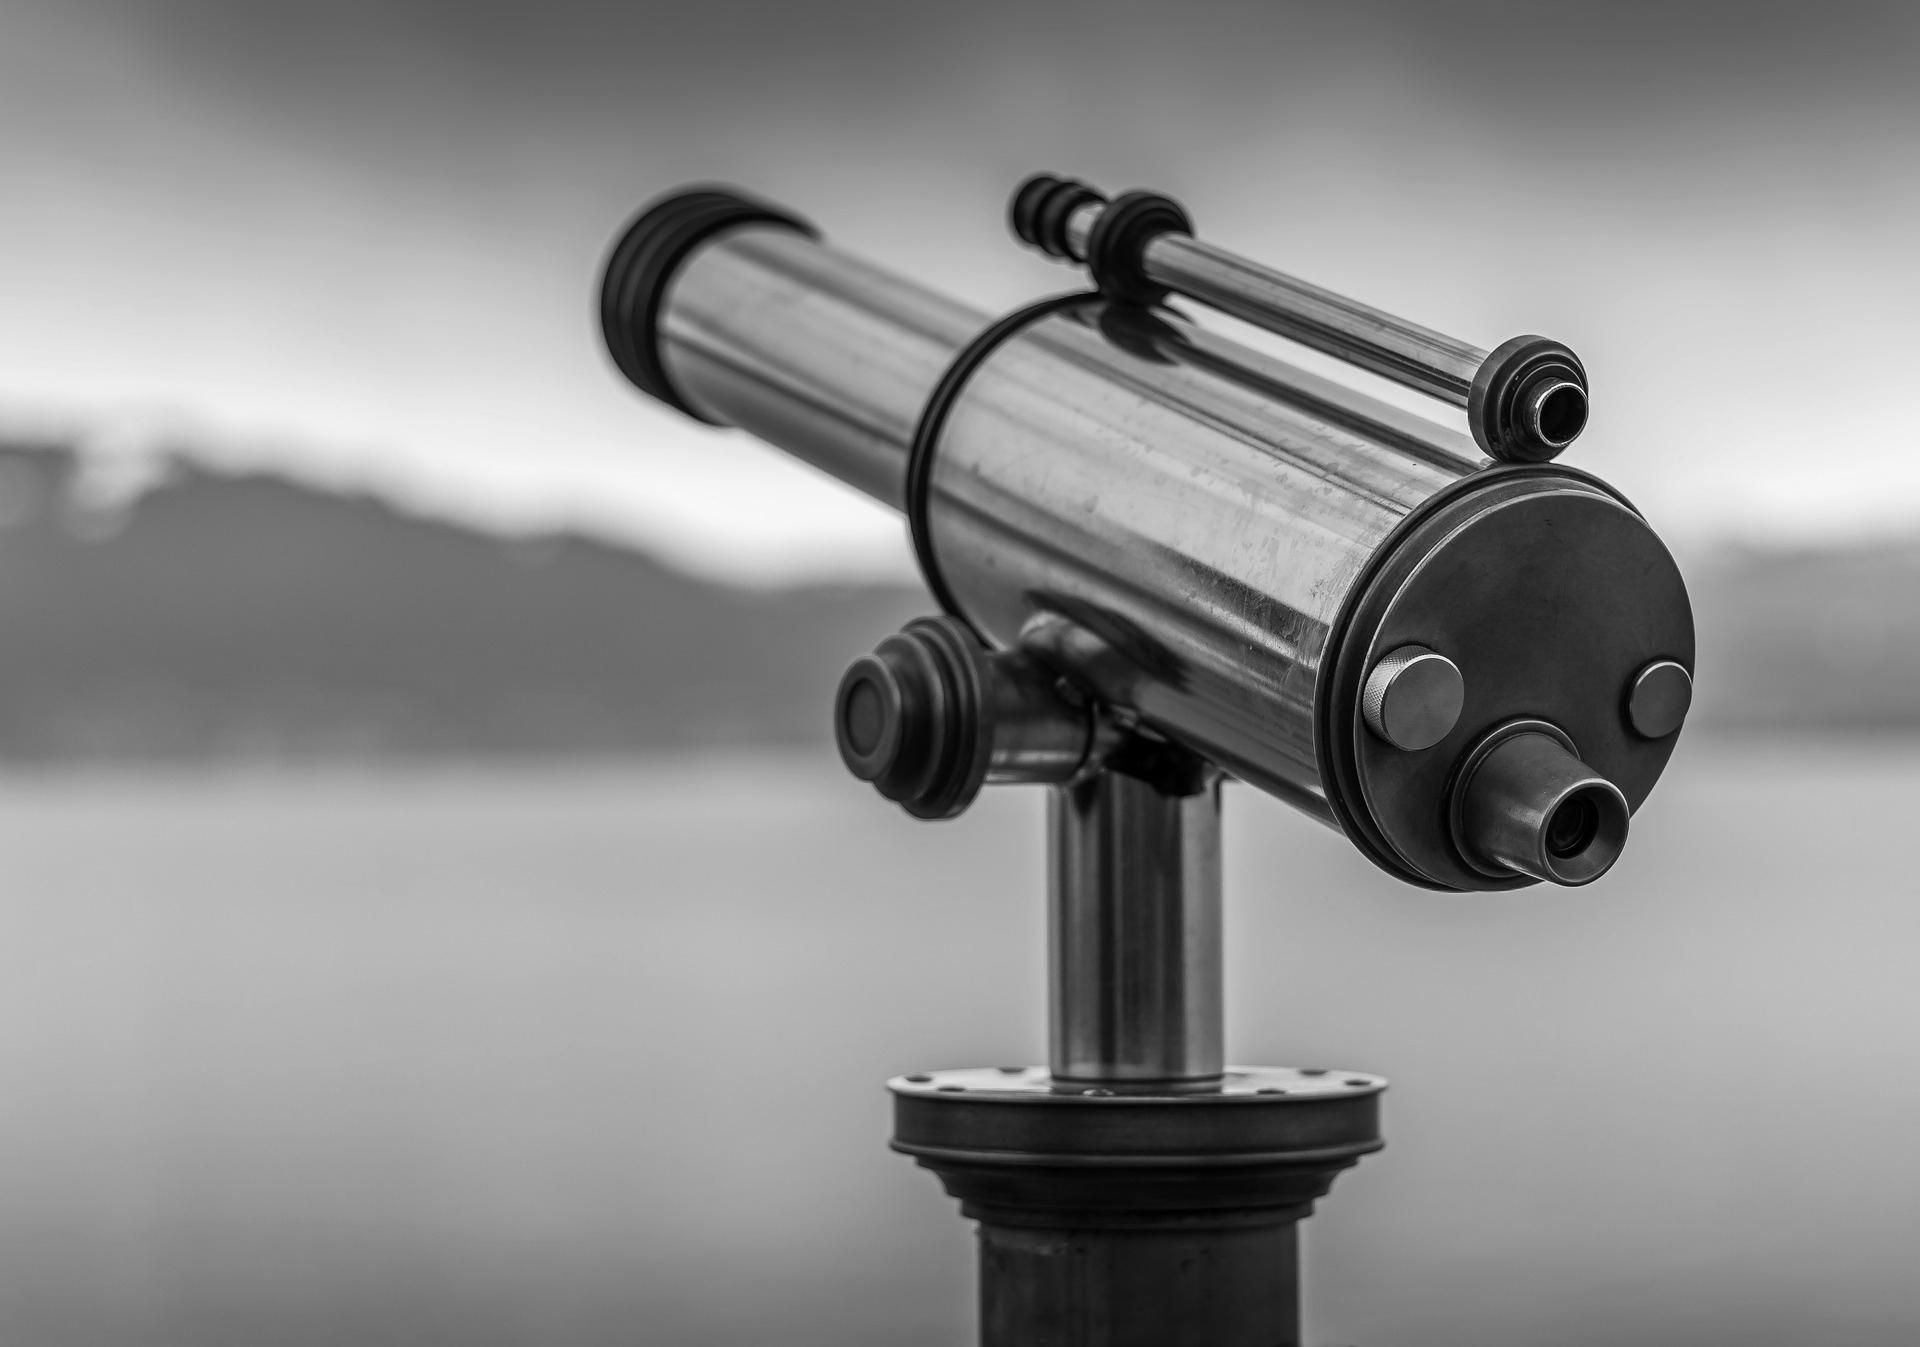 Vision - Inhouse-Workshop mit Andreas SteffenDie Vision einer Organisation ist ein Aspekt, der voll und ganz auf die intrinsische Motivation und das Engagement der Beschäftigten und auch der Kunden, Partner und weiterer Stakeholder einzahlen sollte.Im Idealfall stellt eine Vision das attraktive Bild einer erreichbaren Wirklichkeit dar. Sie bietet einen Blick aus der Zukunft und beschreibt, wie es dann dort sein und sich anfühlen wird. Eine gute Vision ist inspirierend und richtungsgebend.Zum Workshop-Angebot